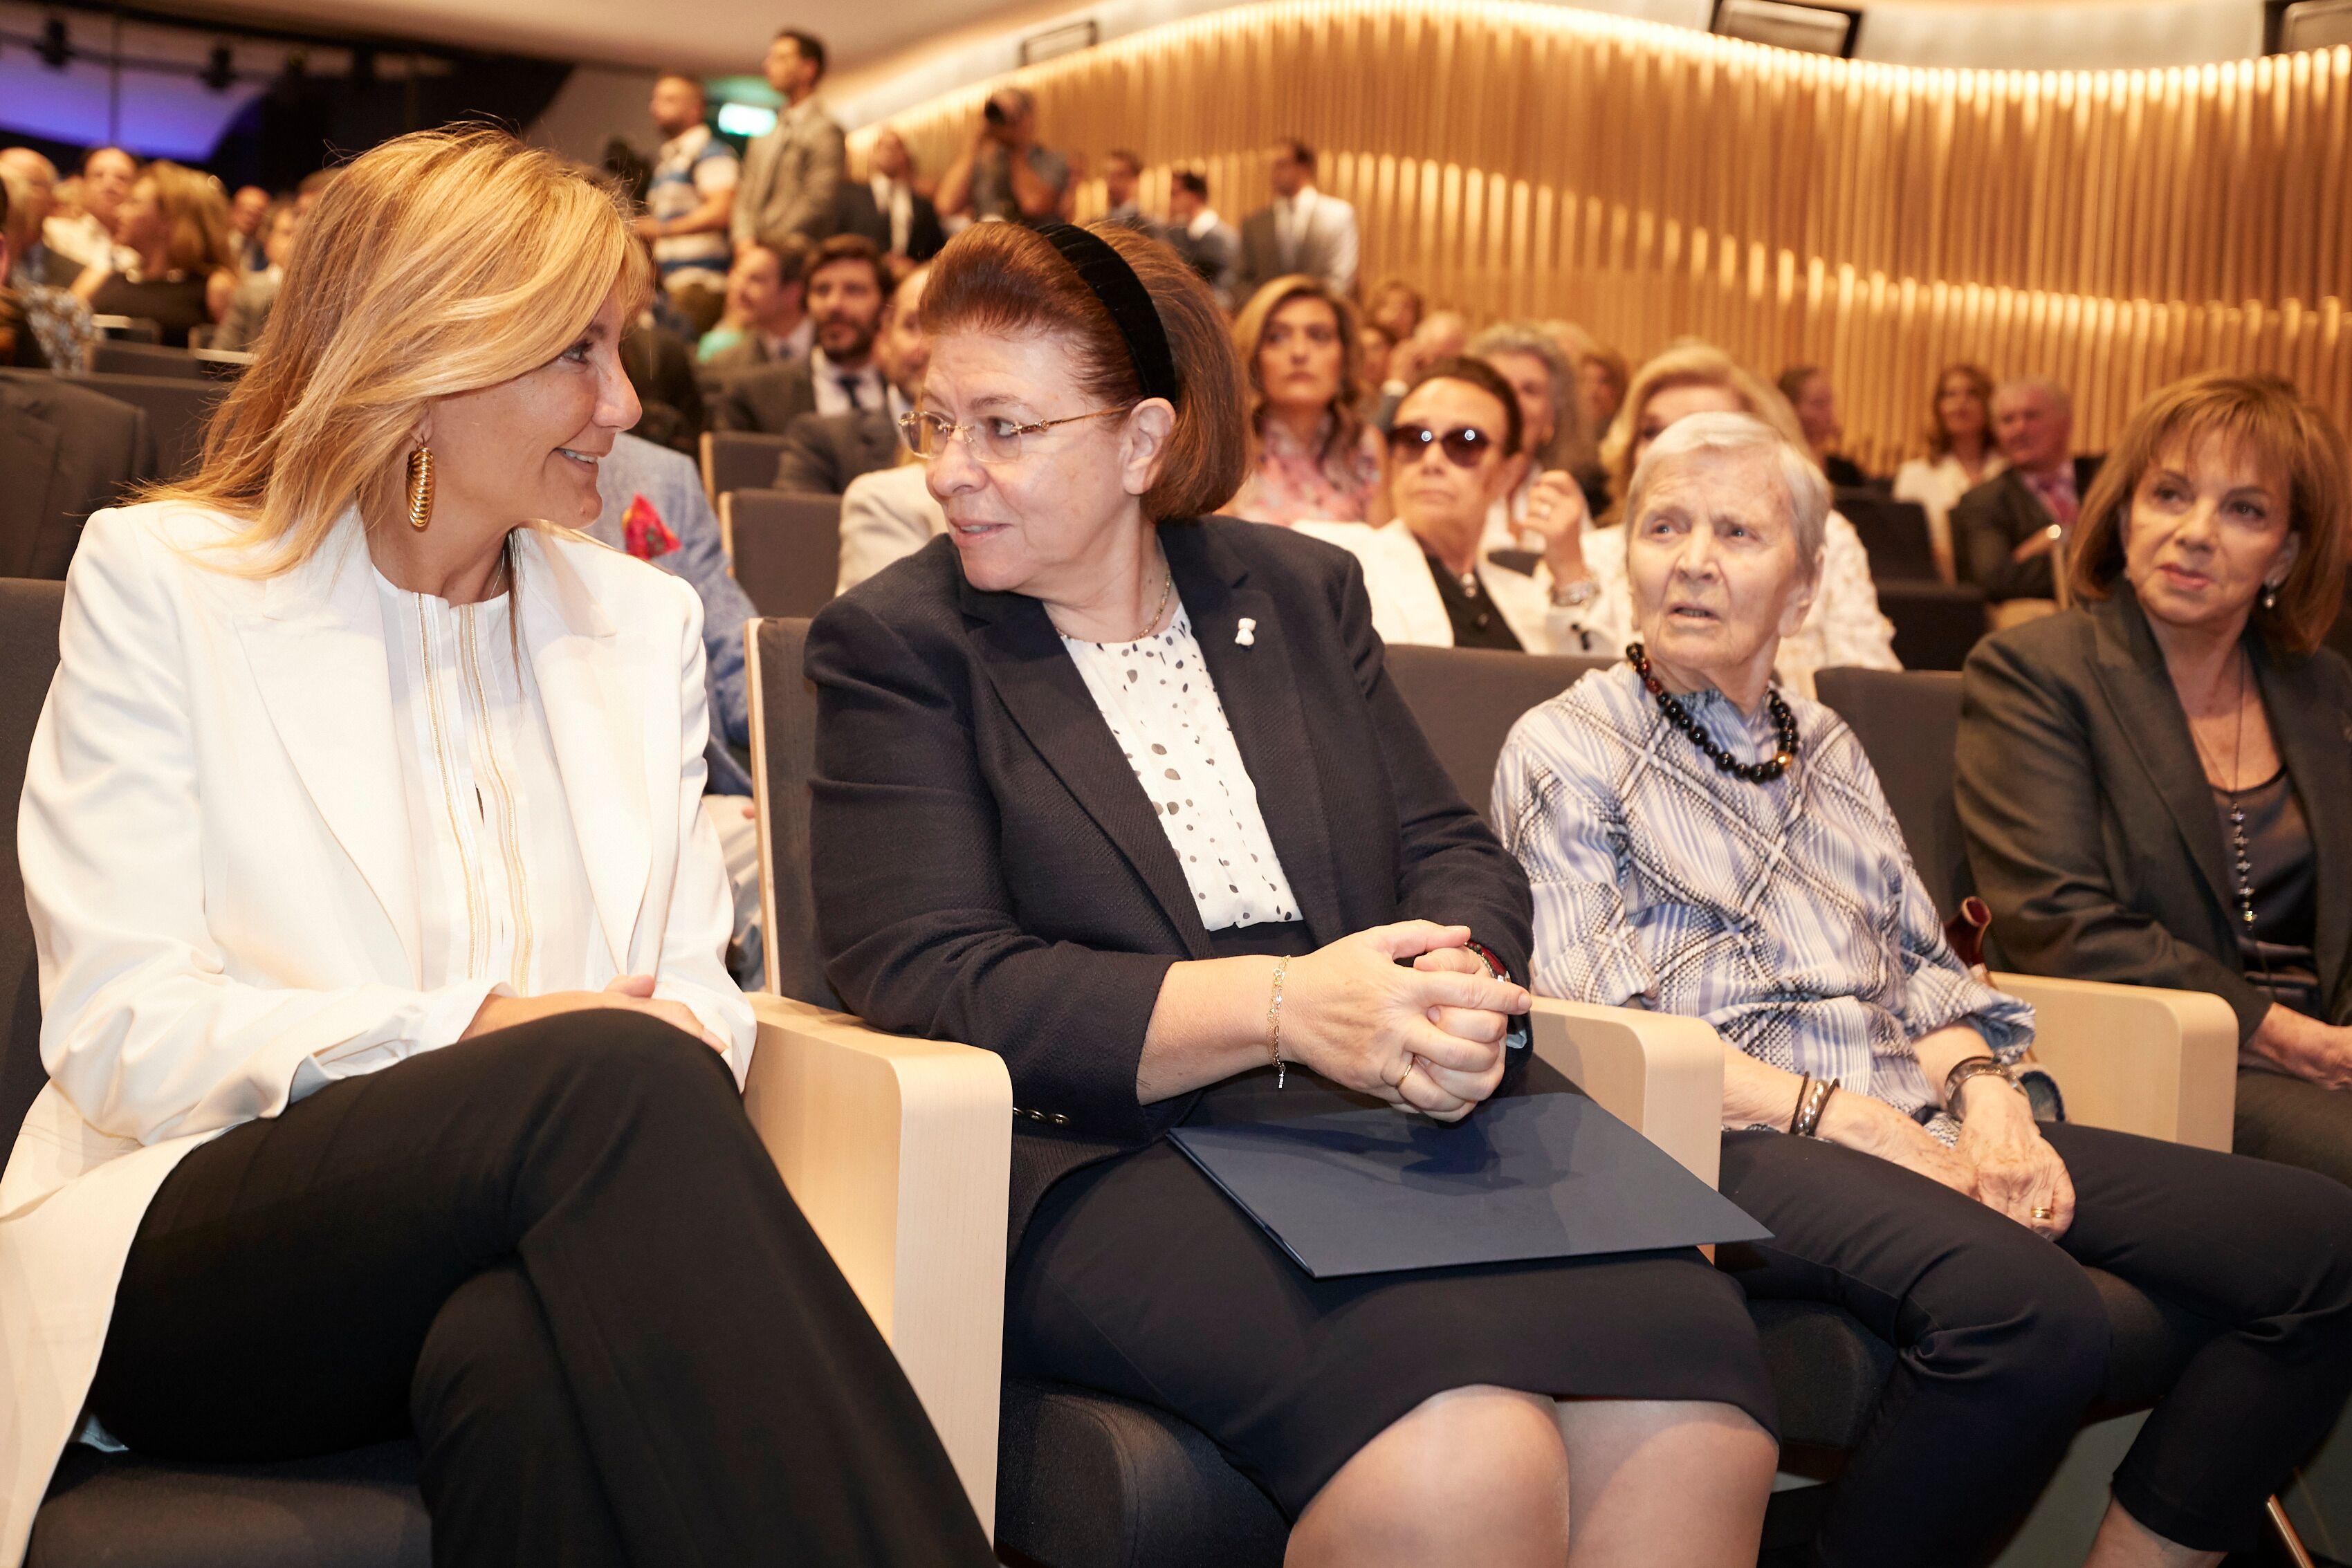 Μαρέβα Γκραμπόβσκι Μητσοτάκη, Λίνα Μενδώνη, Ελένη Αρβελέρ